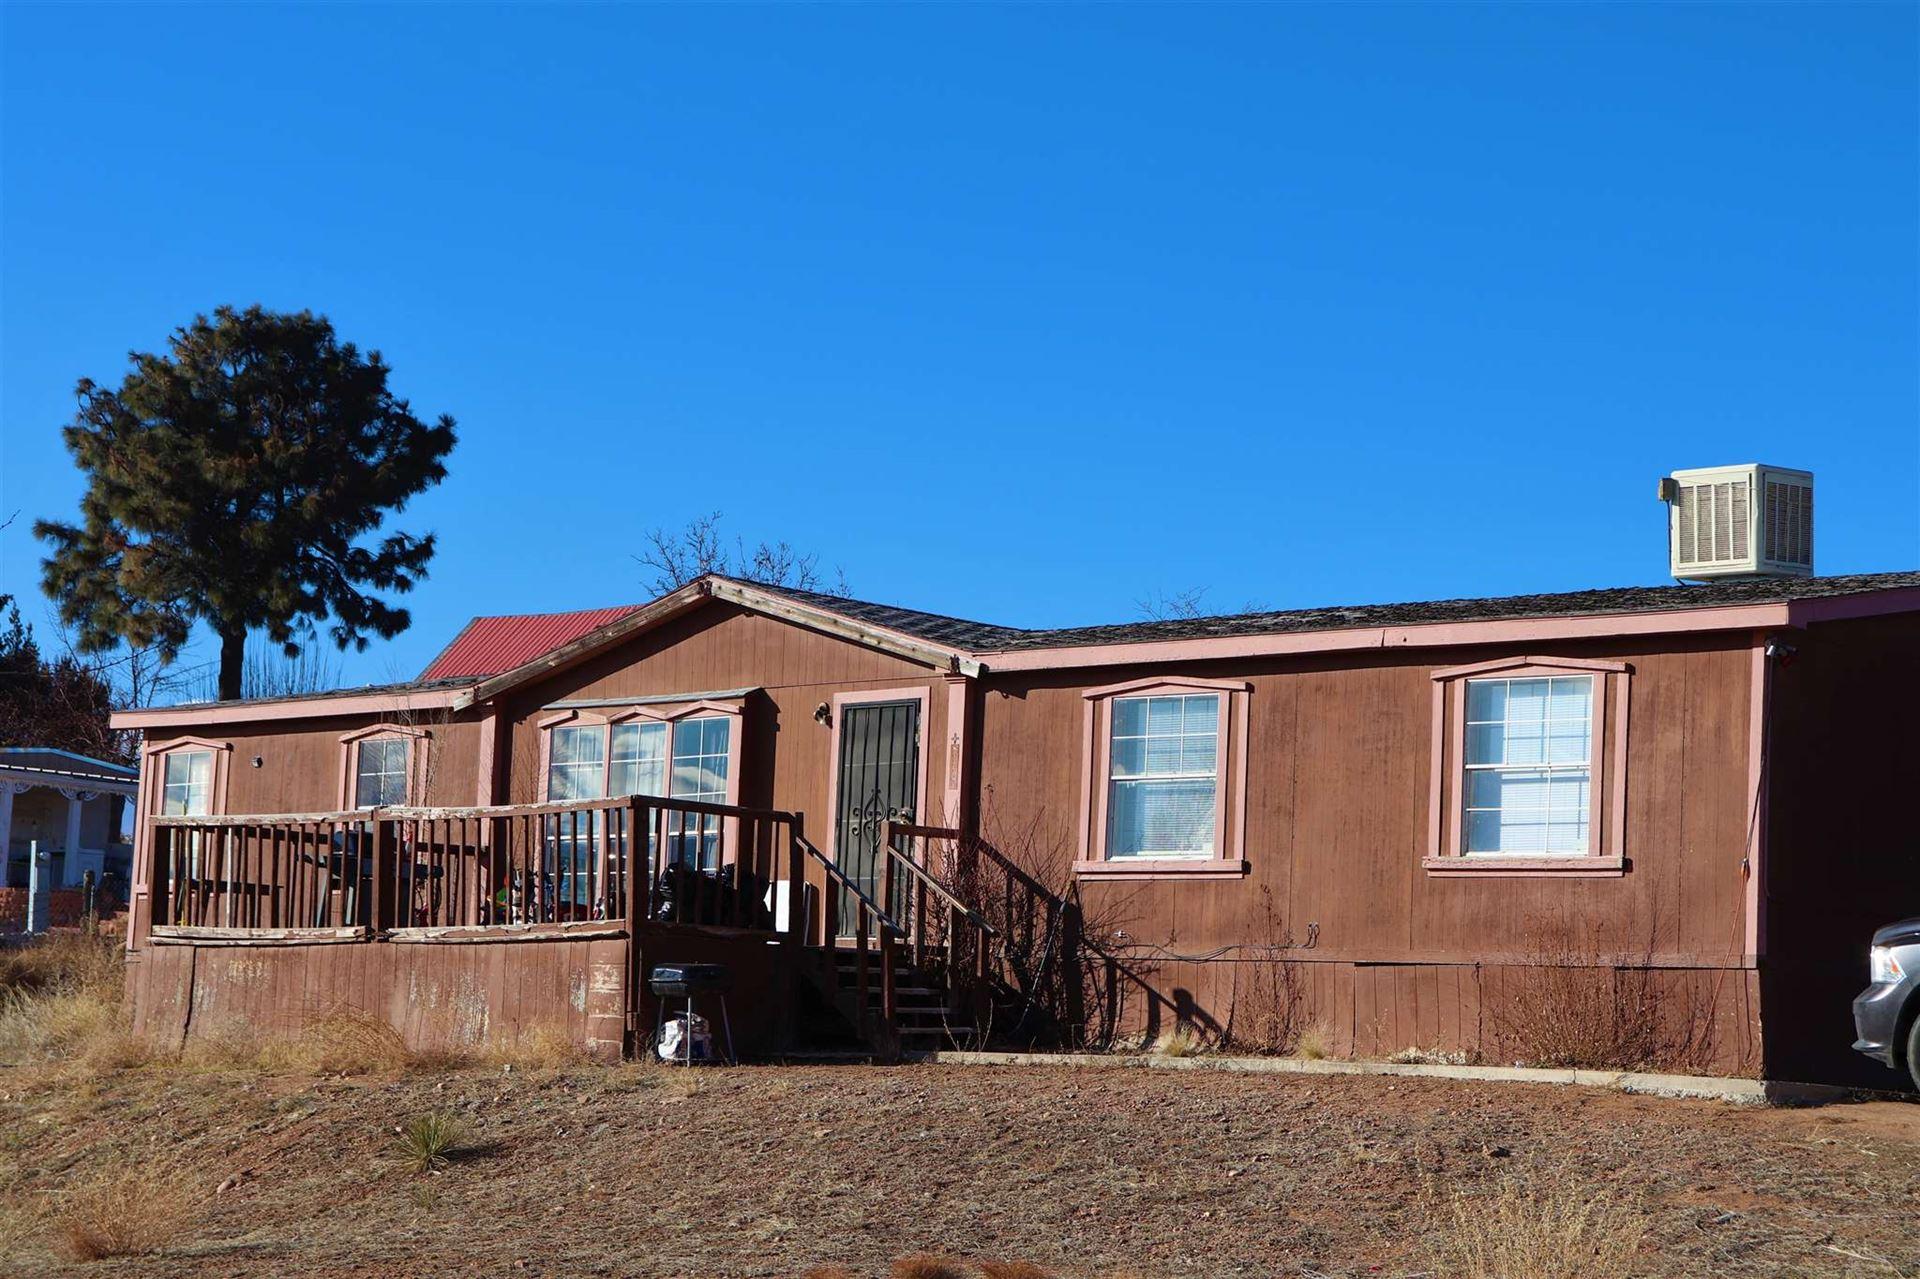 15 CAMINO CHARRO, Santa Fe, NM 87507 - #: 201904119